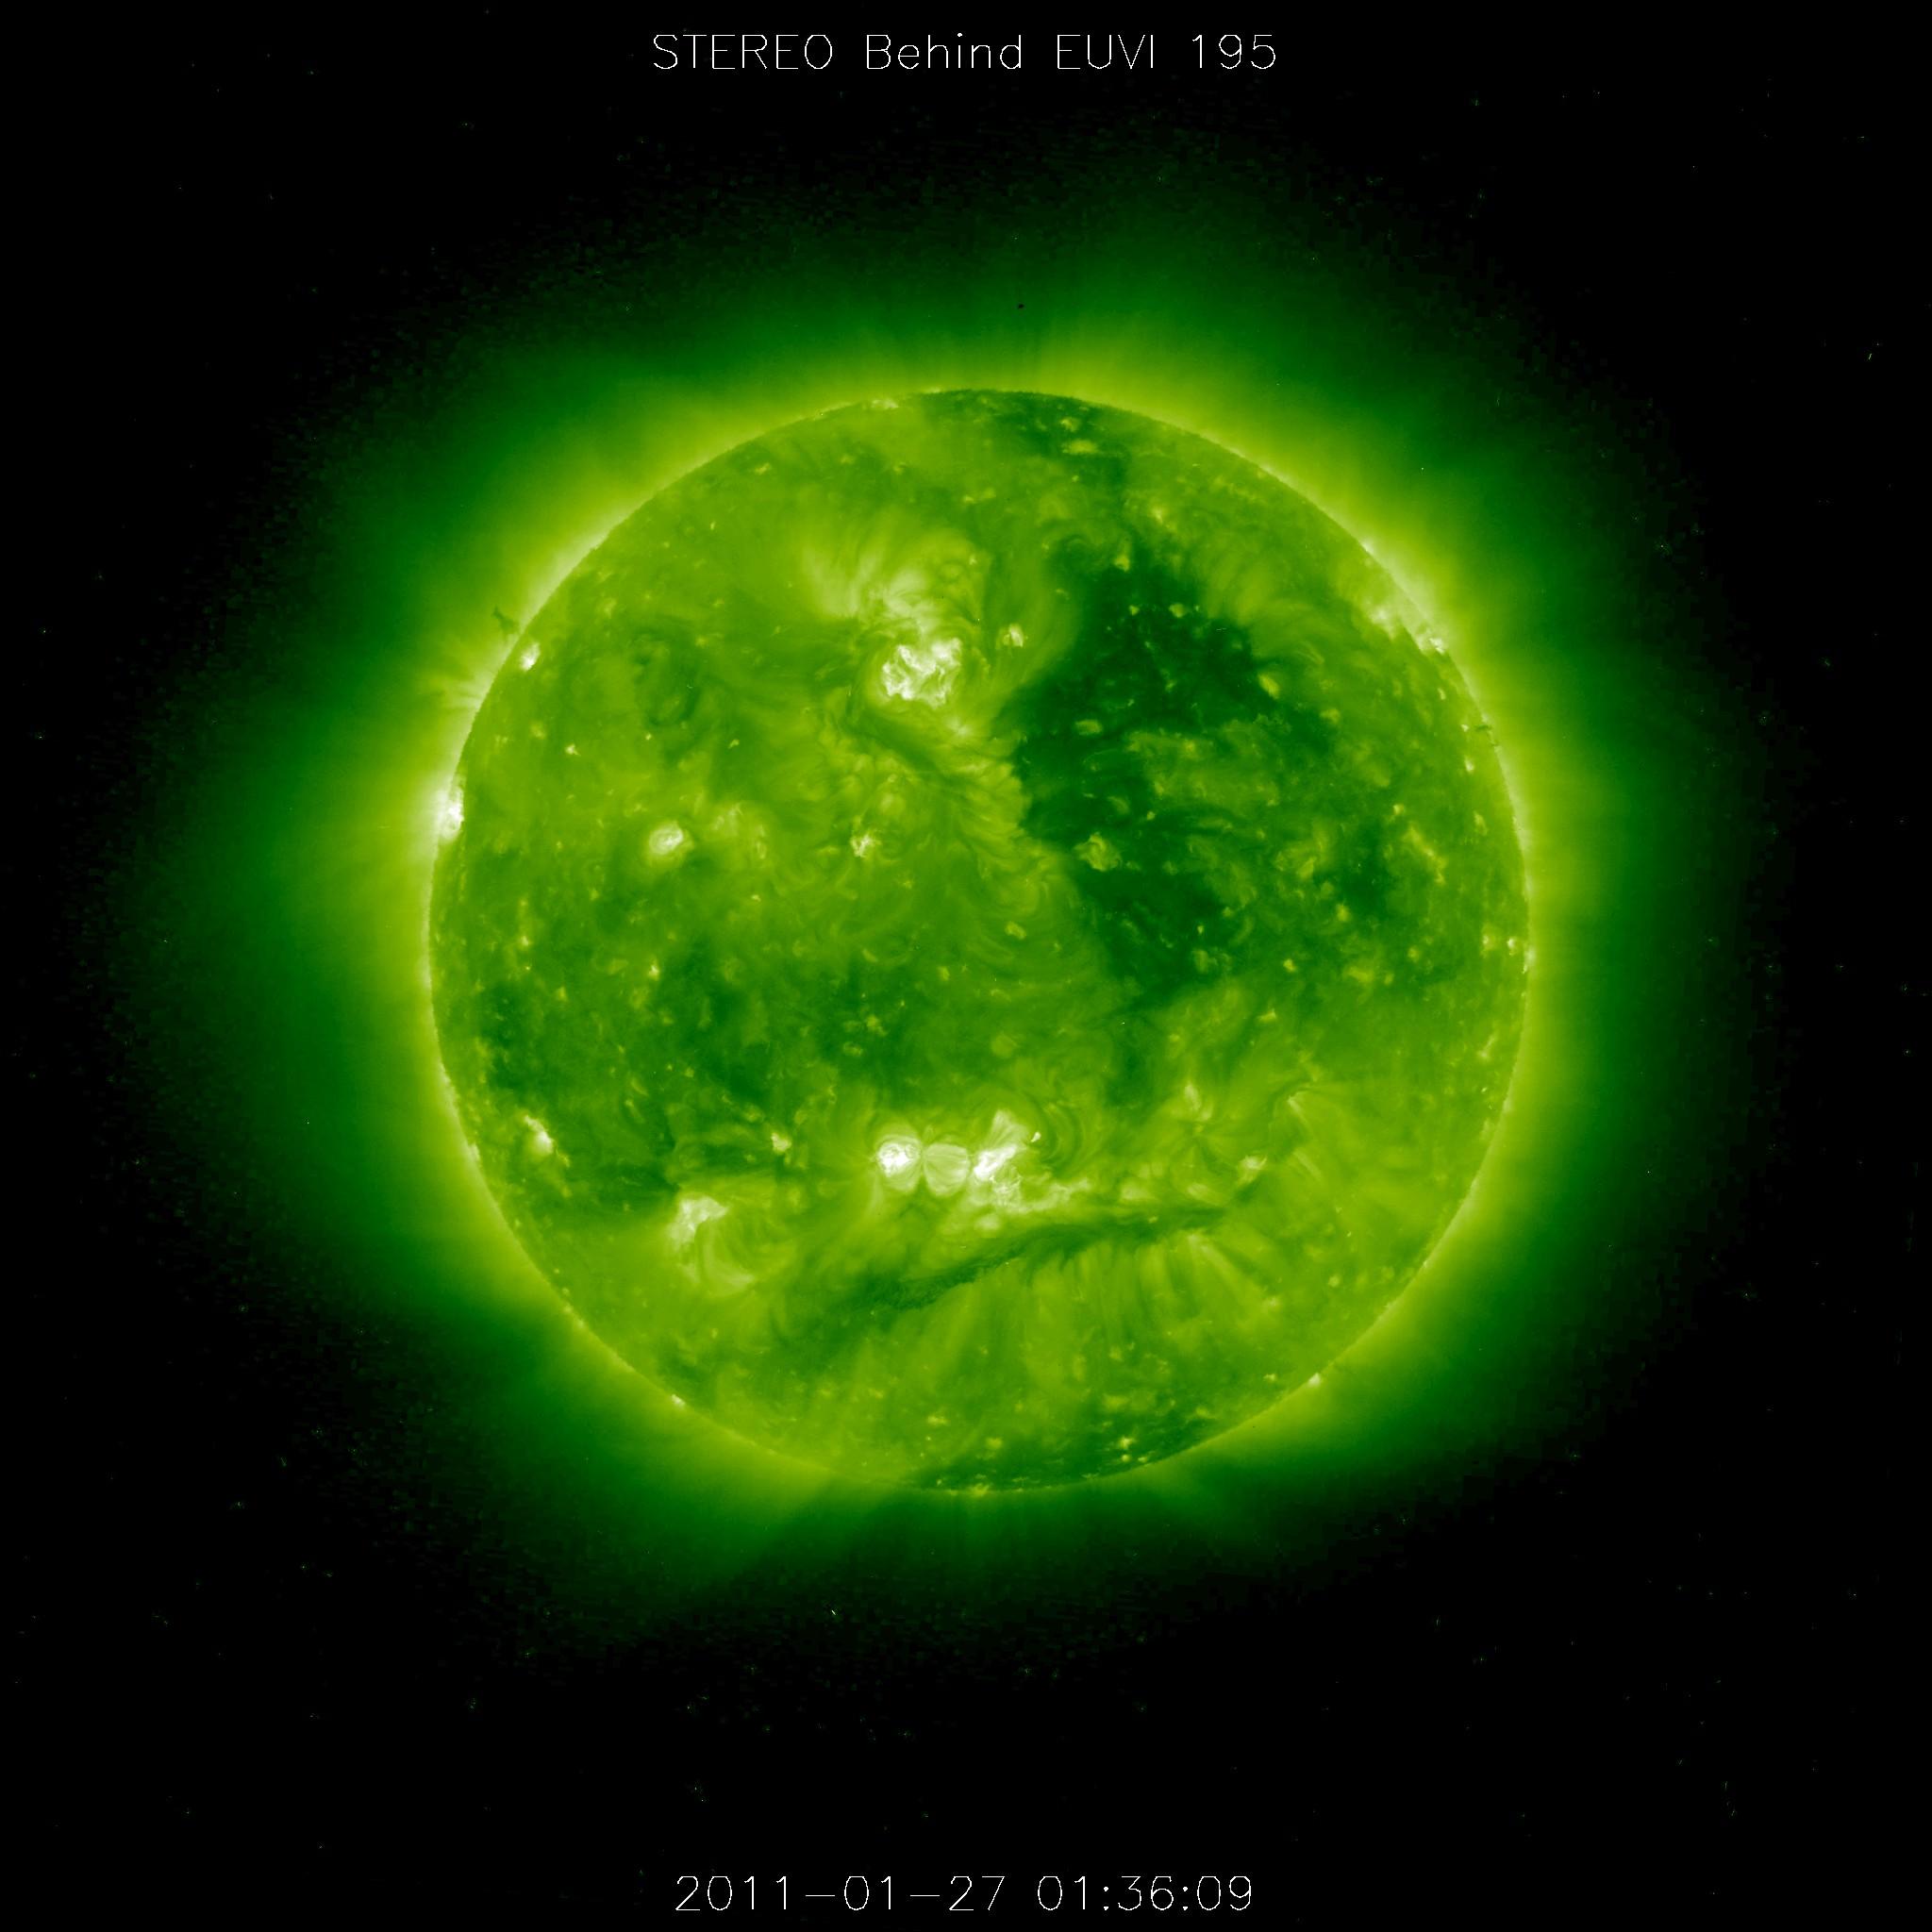 """太陽の周りを回る""""謎の宇宙文明""""?:NASAその証拠をまた消去!?_e0171614_22143914.jpg"""